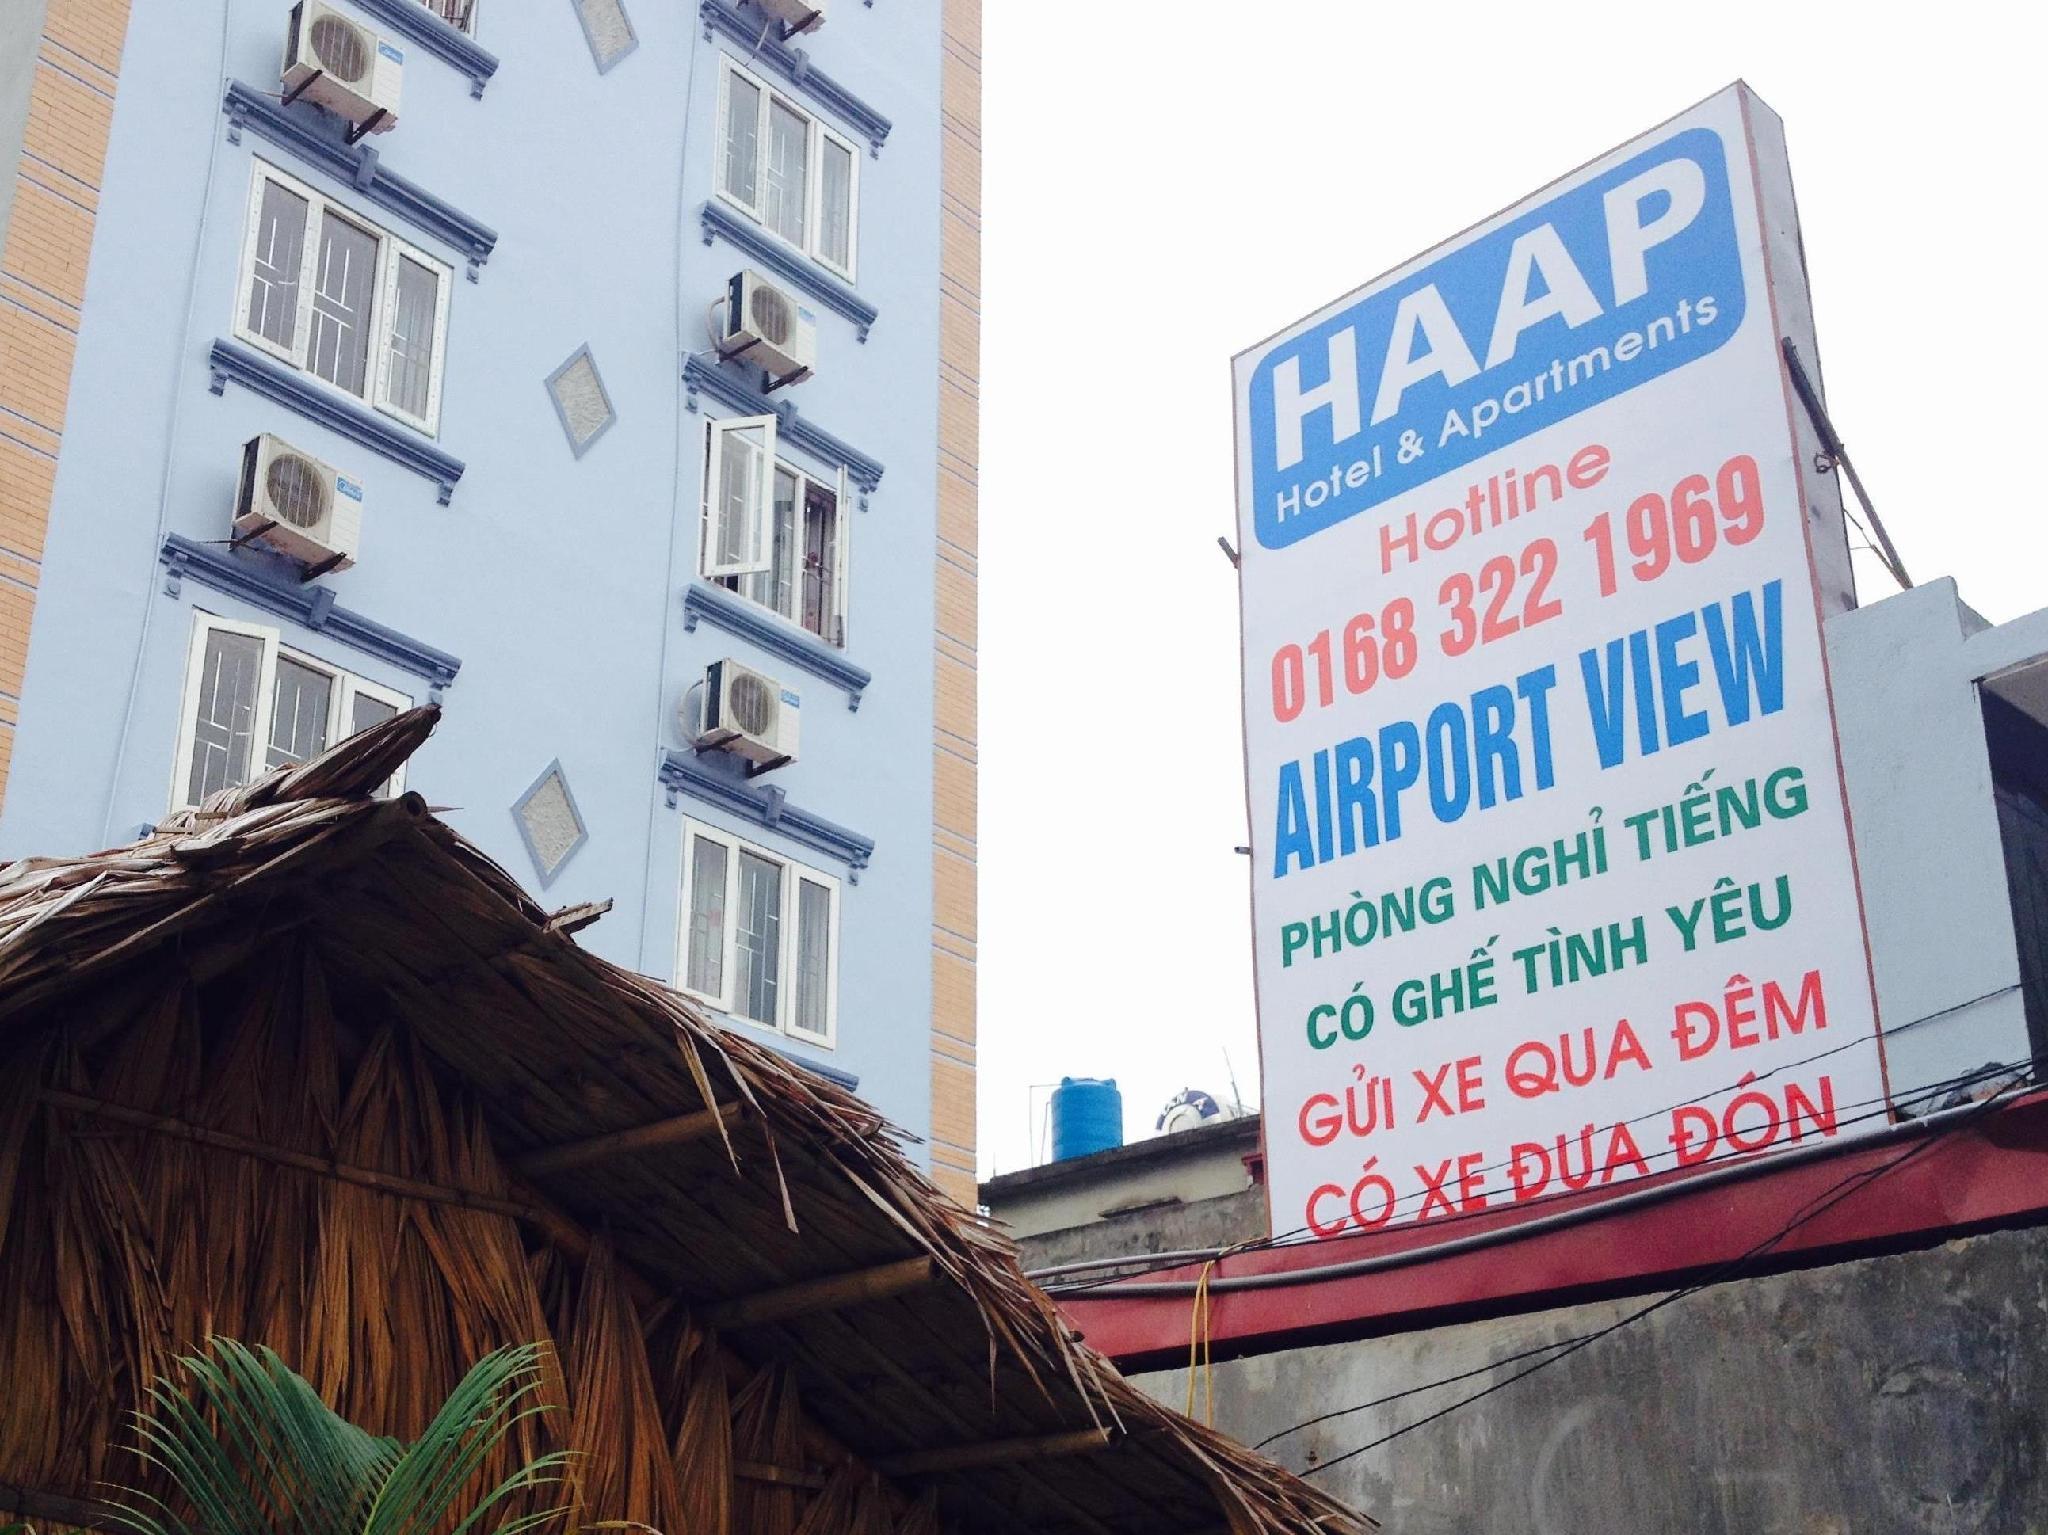 Airport View Hostel by Sapatour, Sóc Sơn